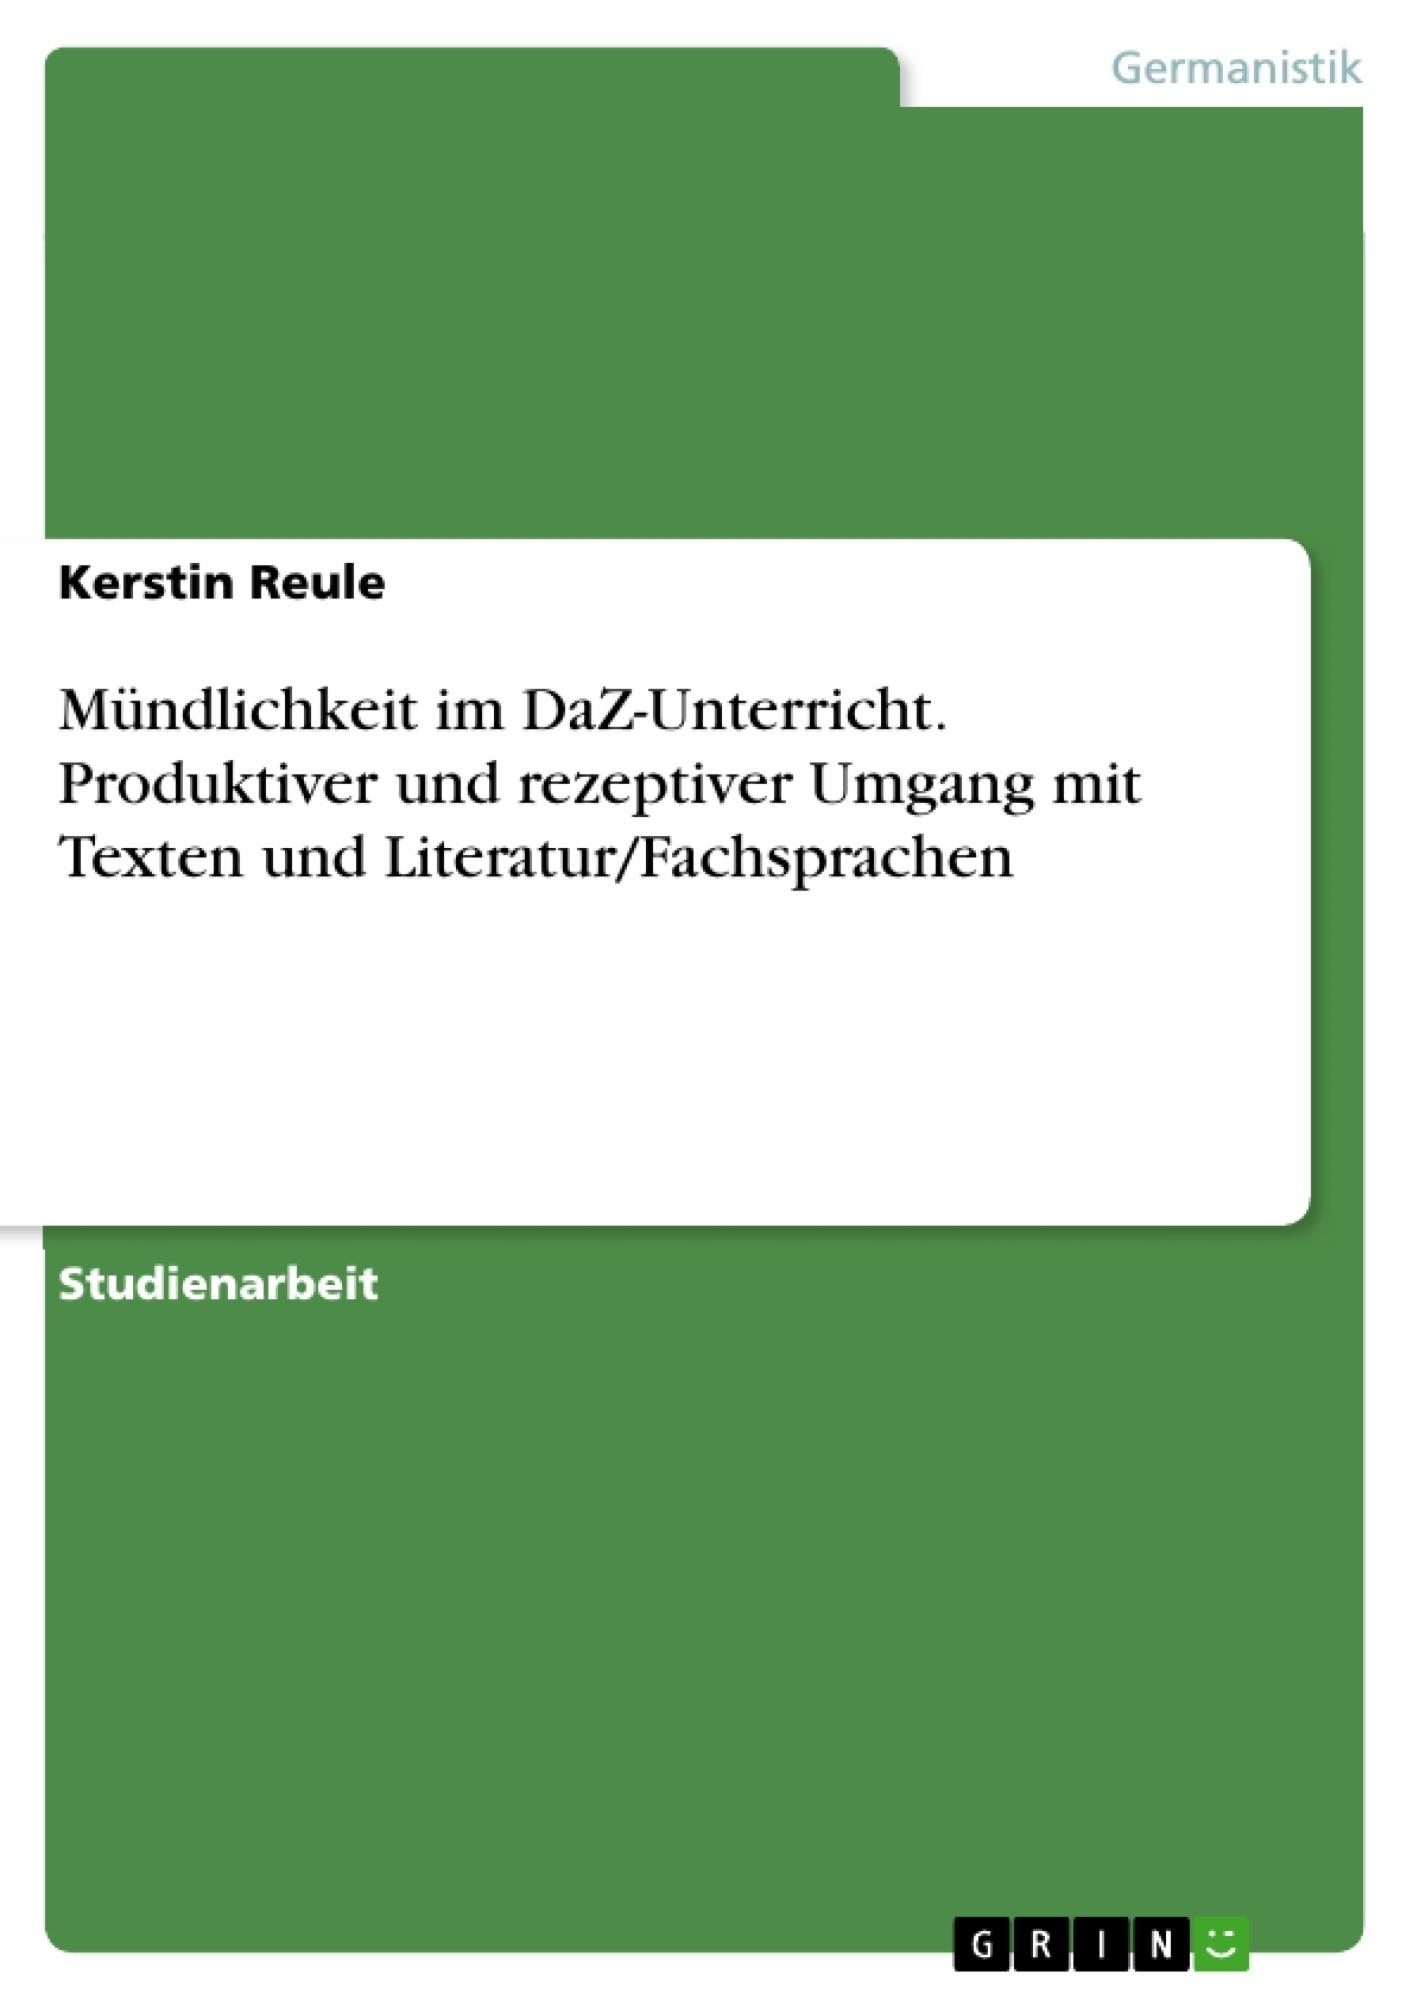 Titel: Mündlichkeit im DaZ-Unterricht. Produktiver und rezeptiver Umgang mit Texten und Literatur/Fachsprachen